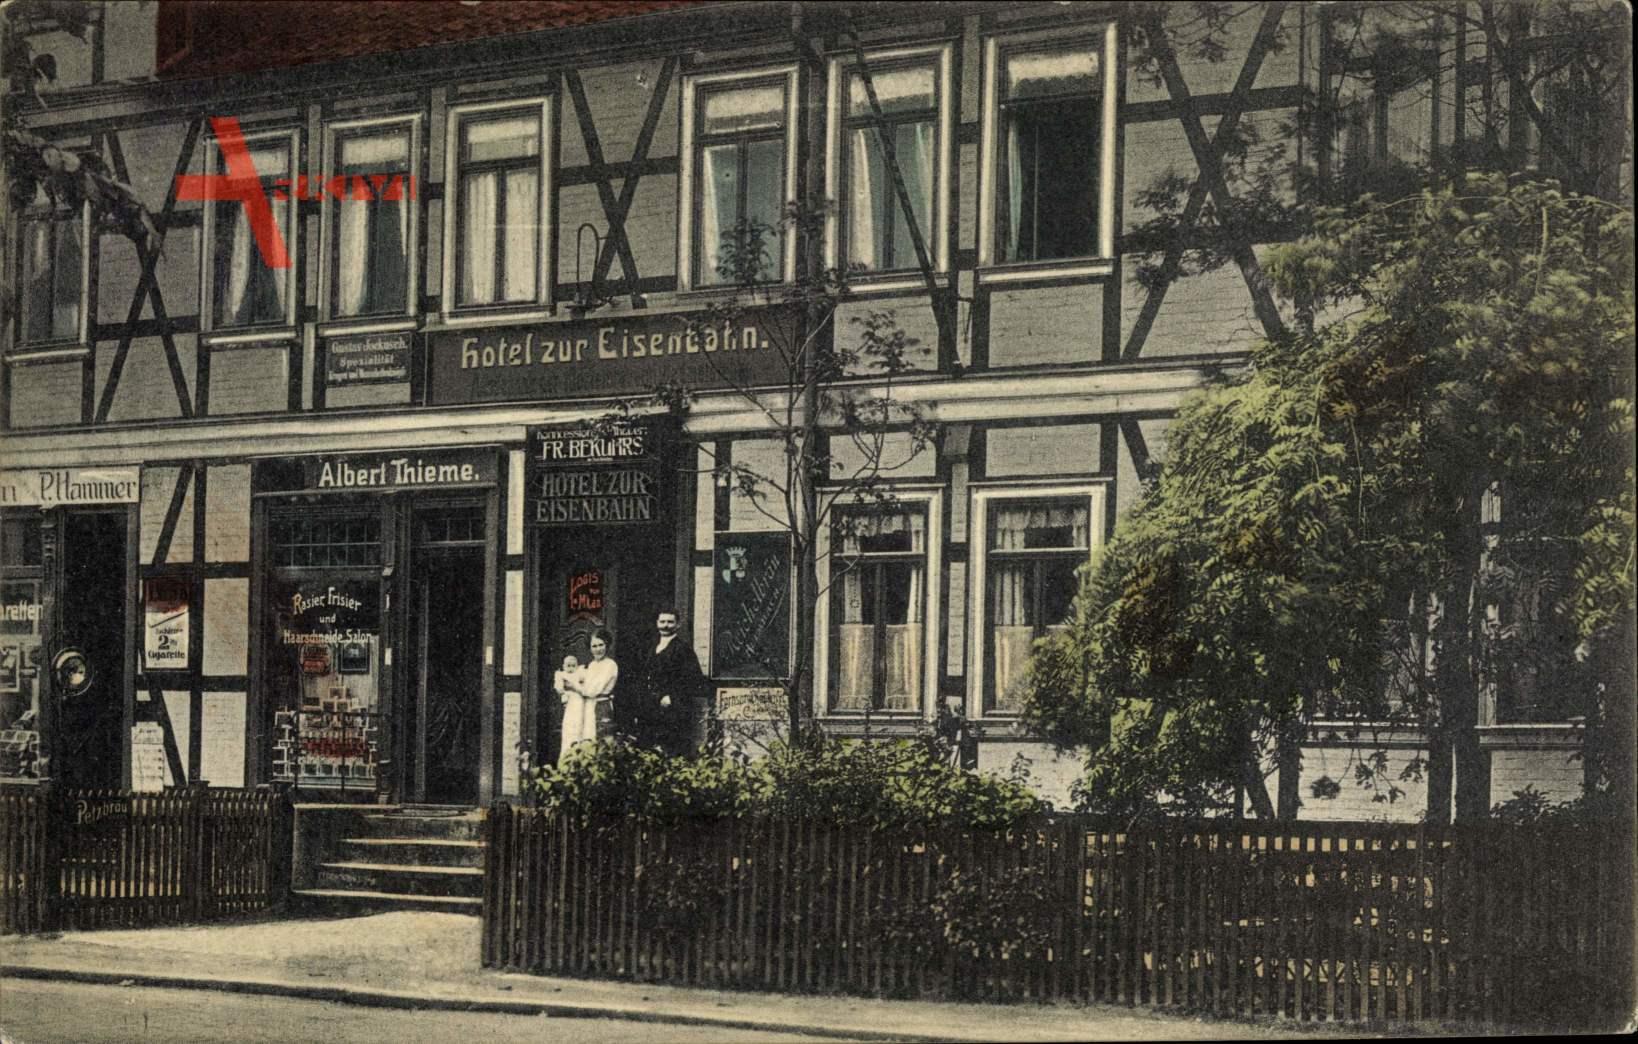 Halberstadt Sachsen Anhalt, Hotel zur Eisenbahn, Friseursalon Albert Thieme, Geschäft P. Hammer